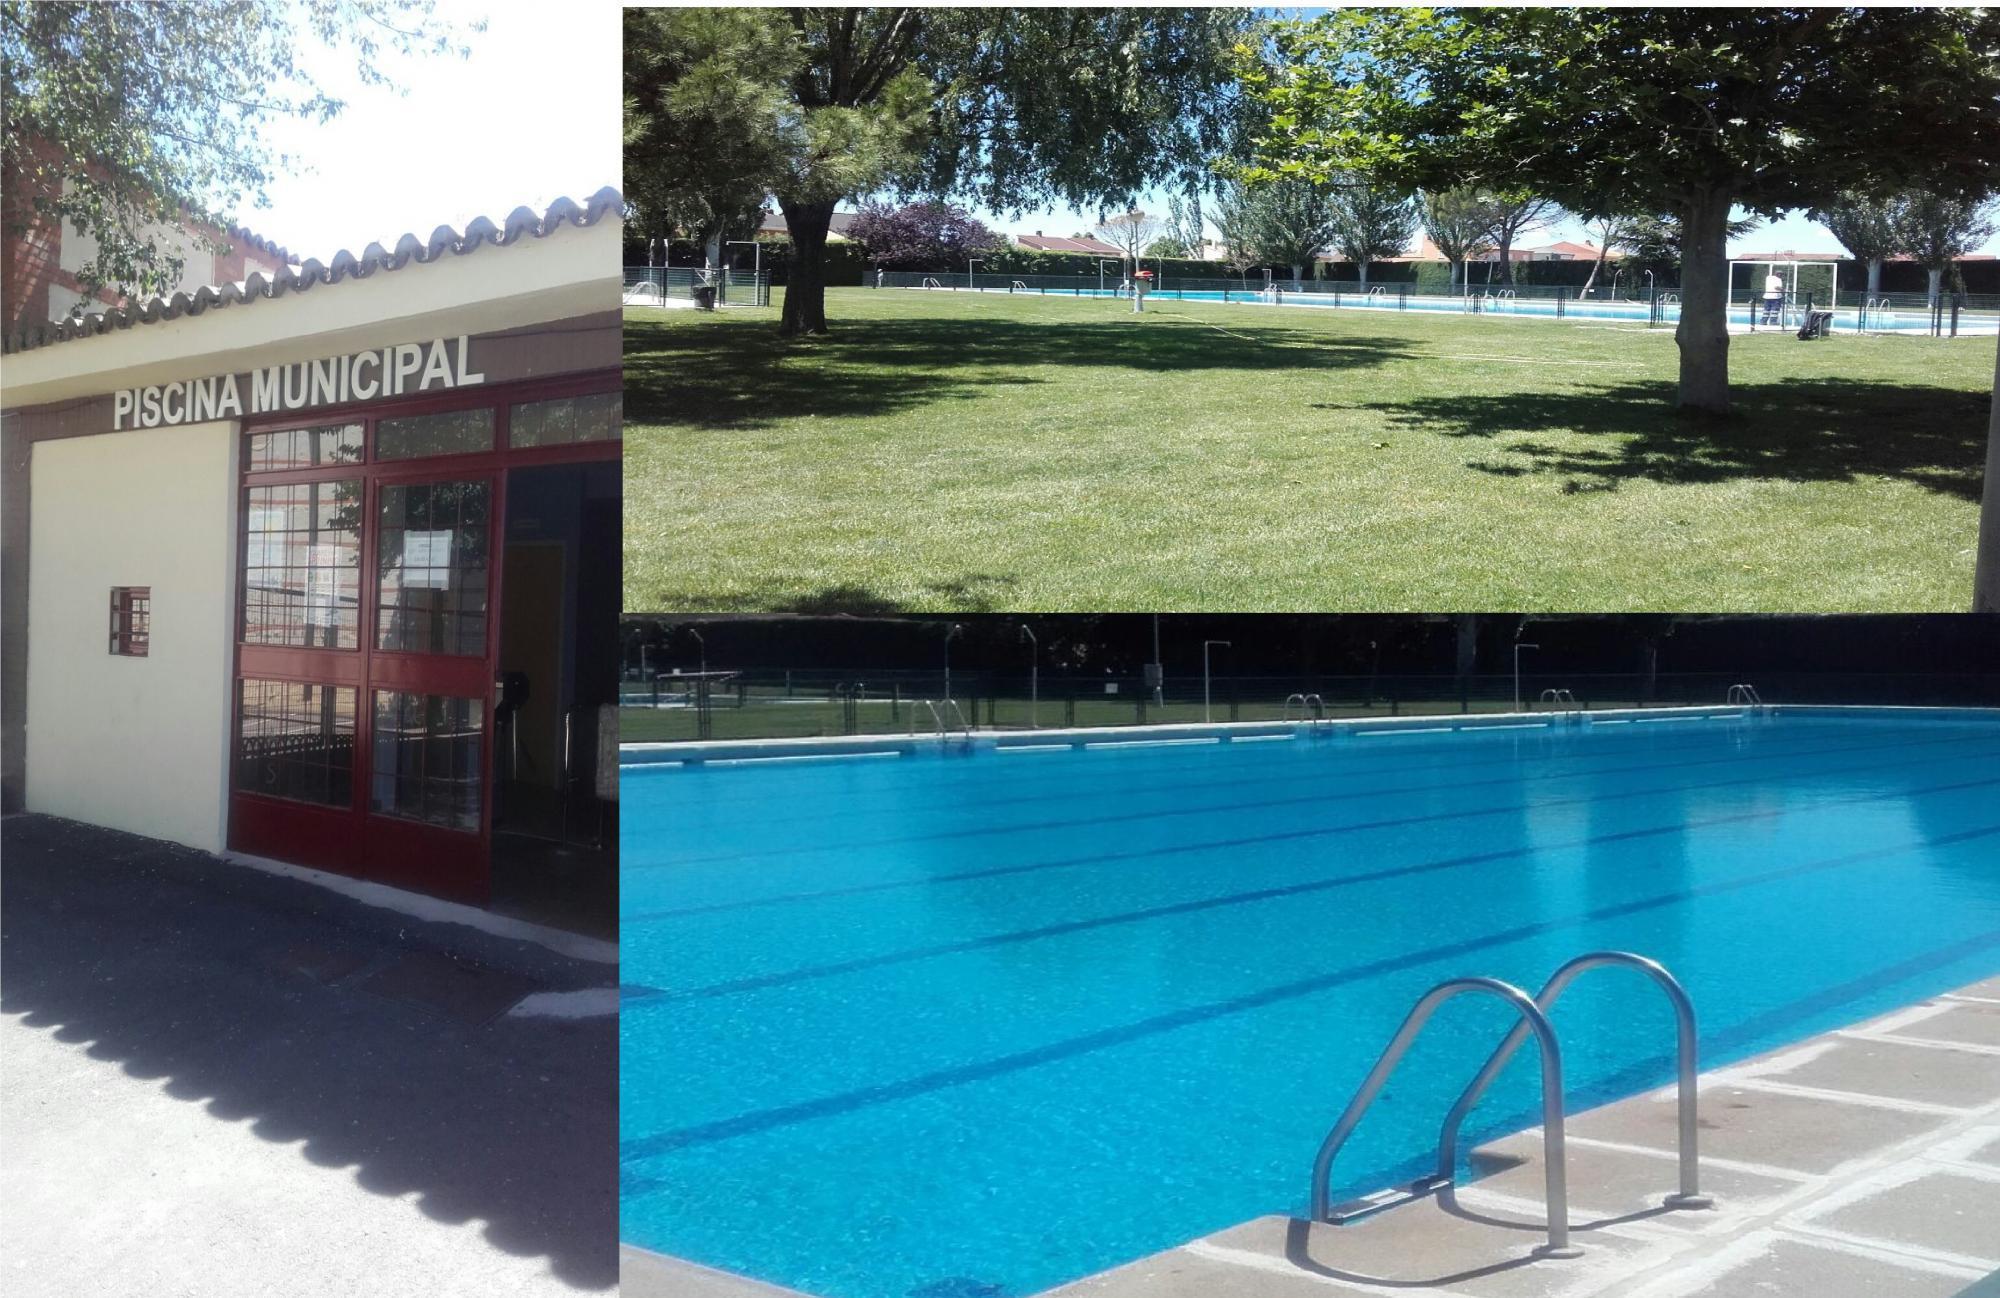 El casar prepara la temporada de piscina con precios muy for Precio piscina municipal